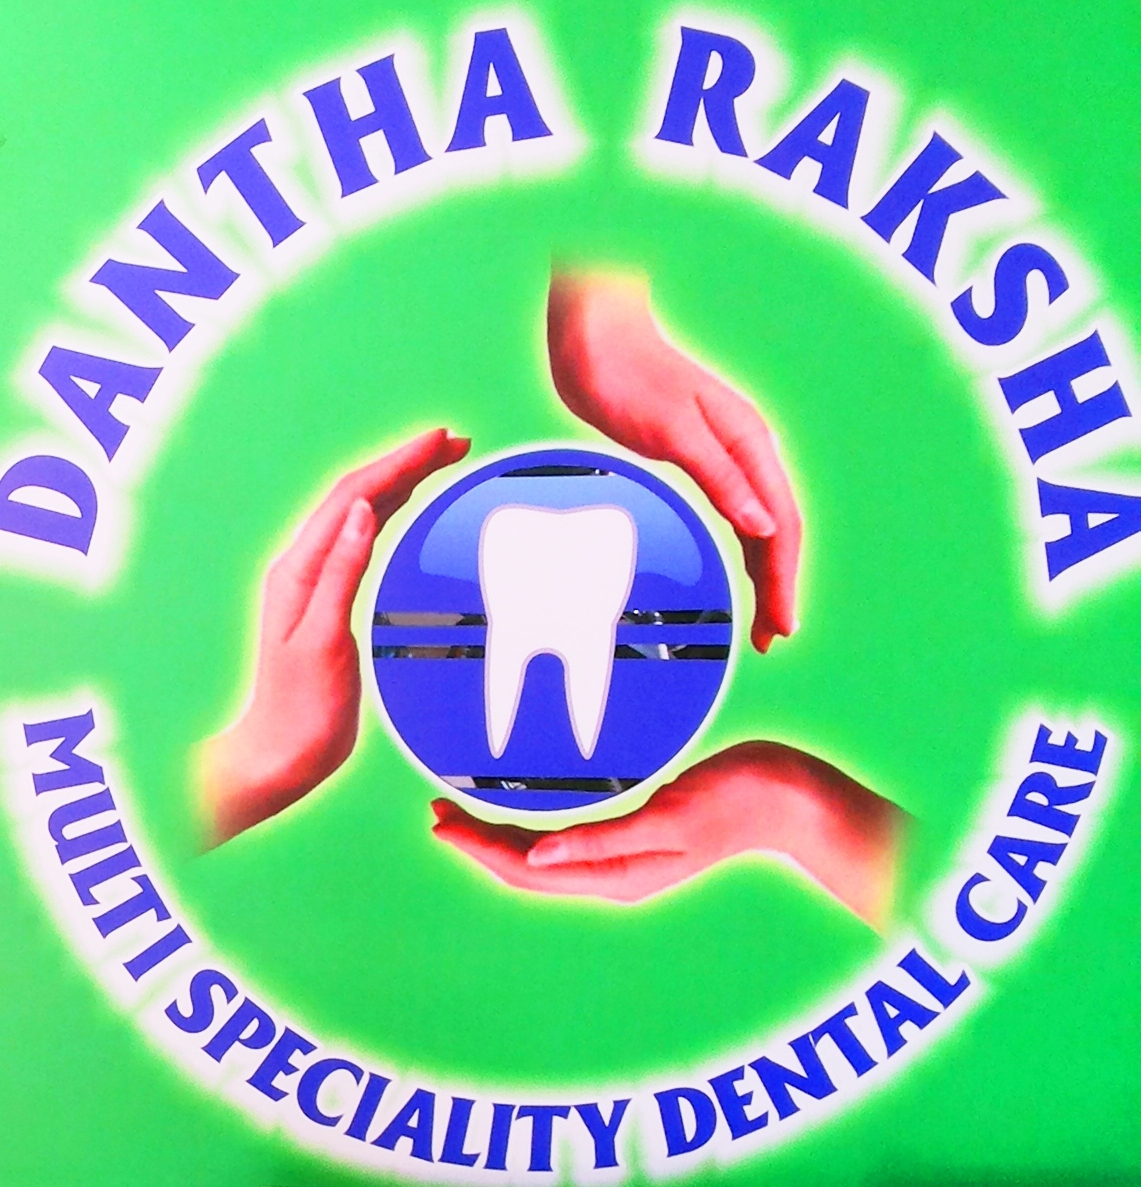 Dantha Raksha Dental Care